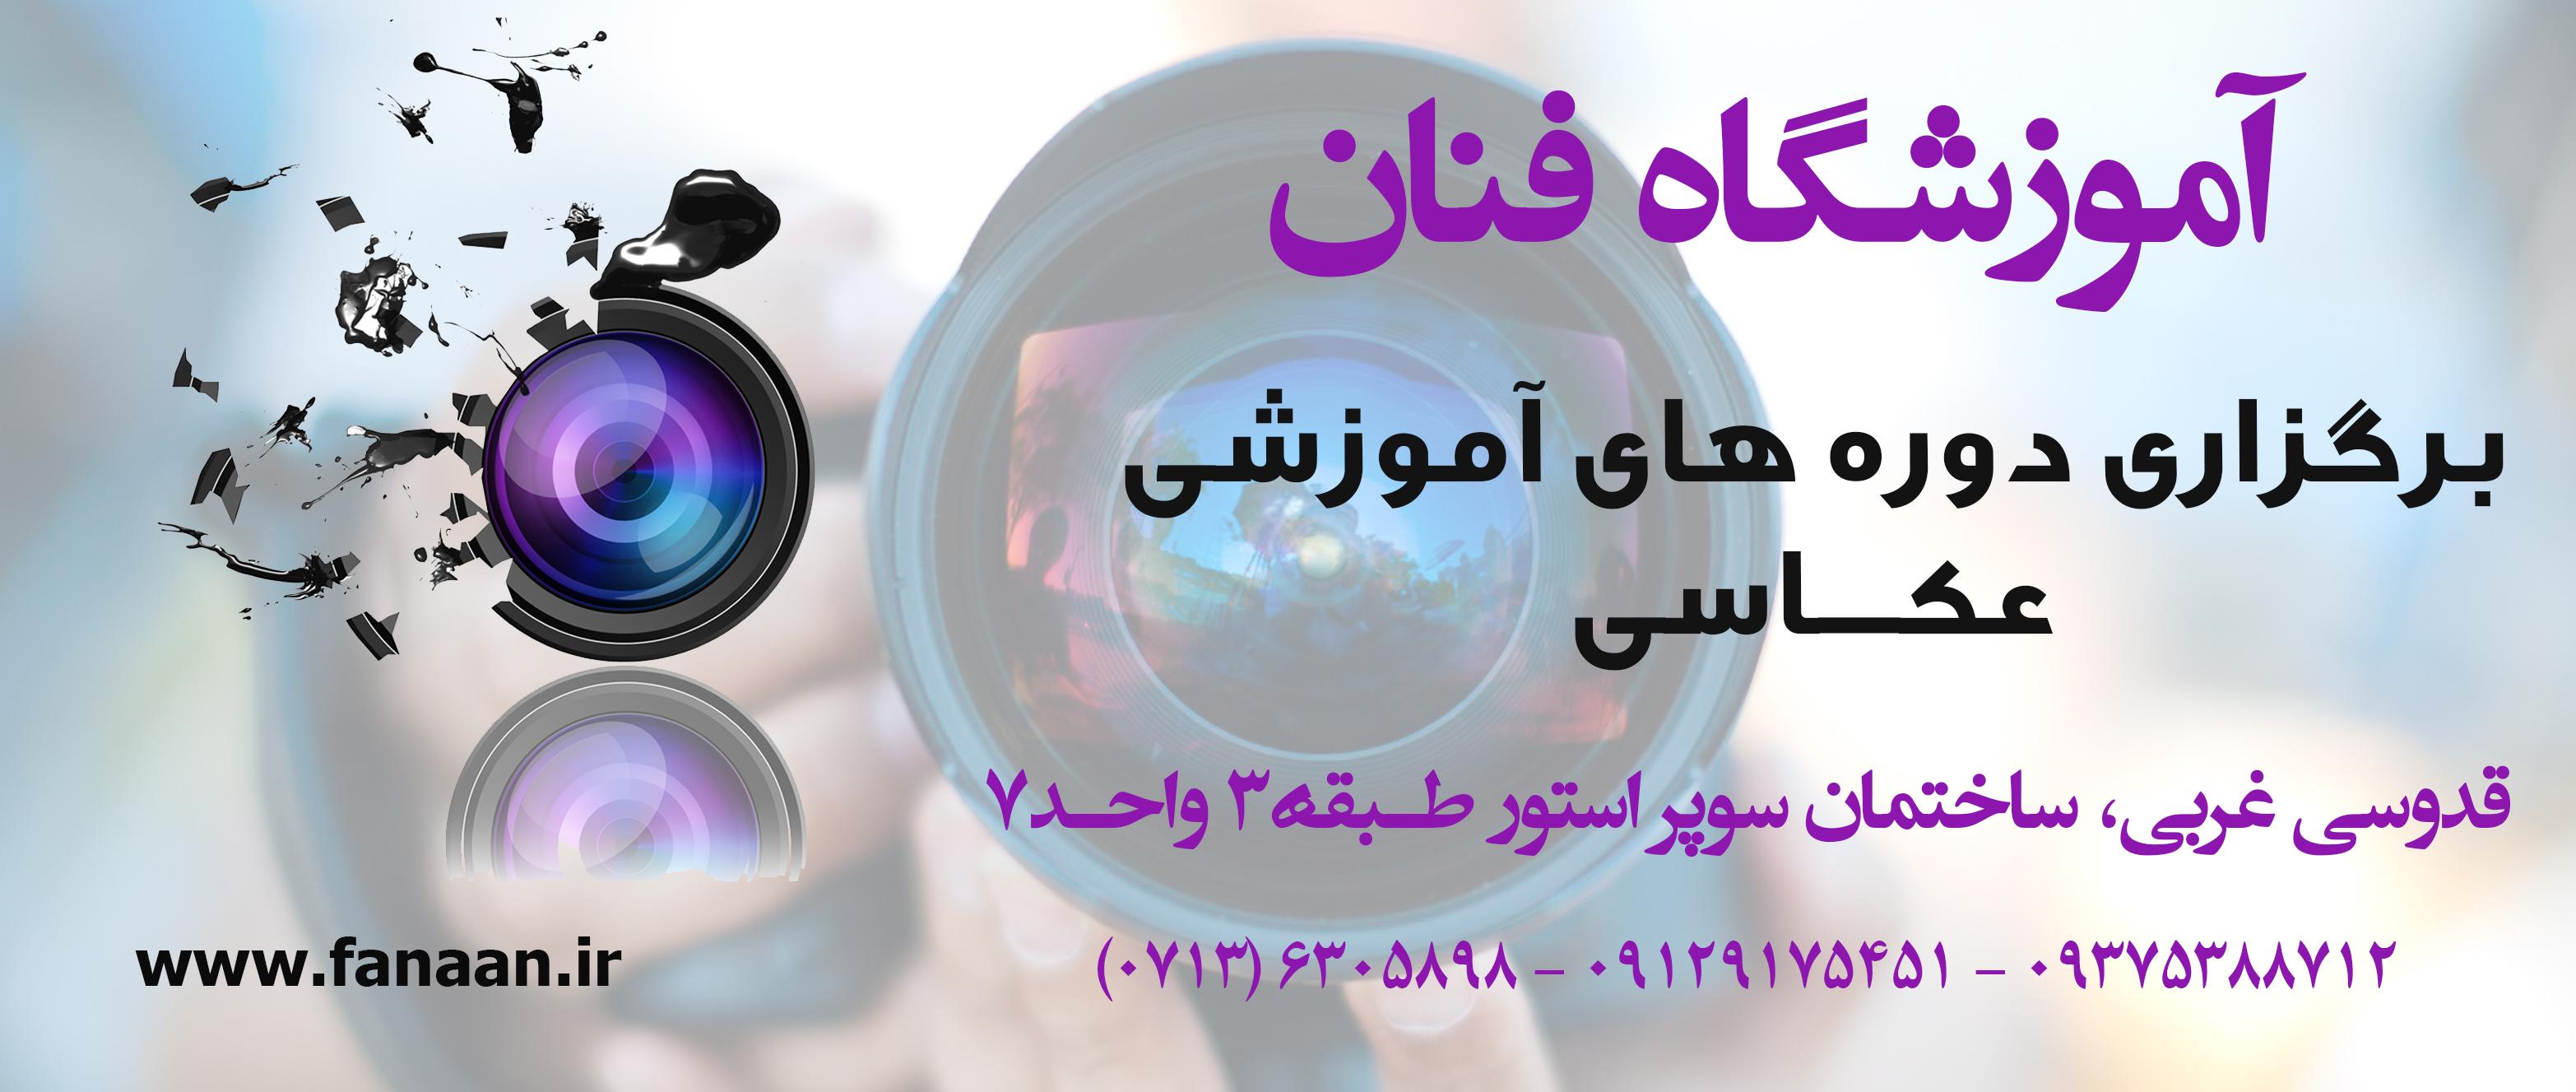 بهترین آموزشگاه عکاسی در شیراز